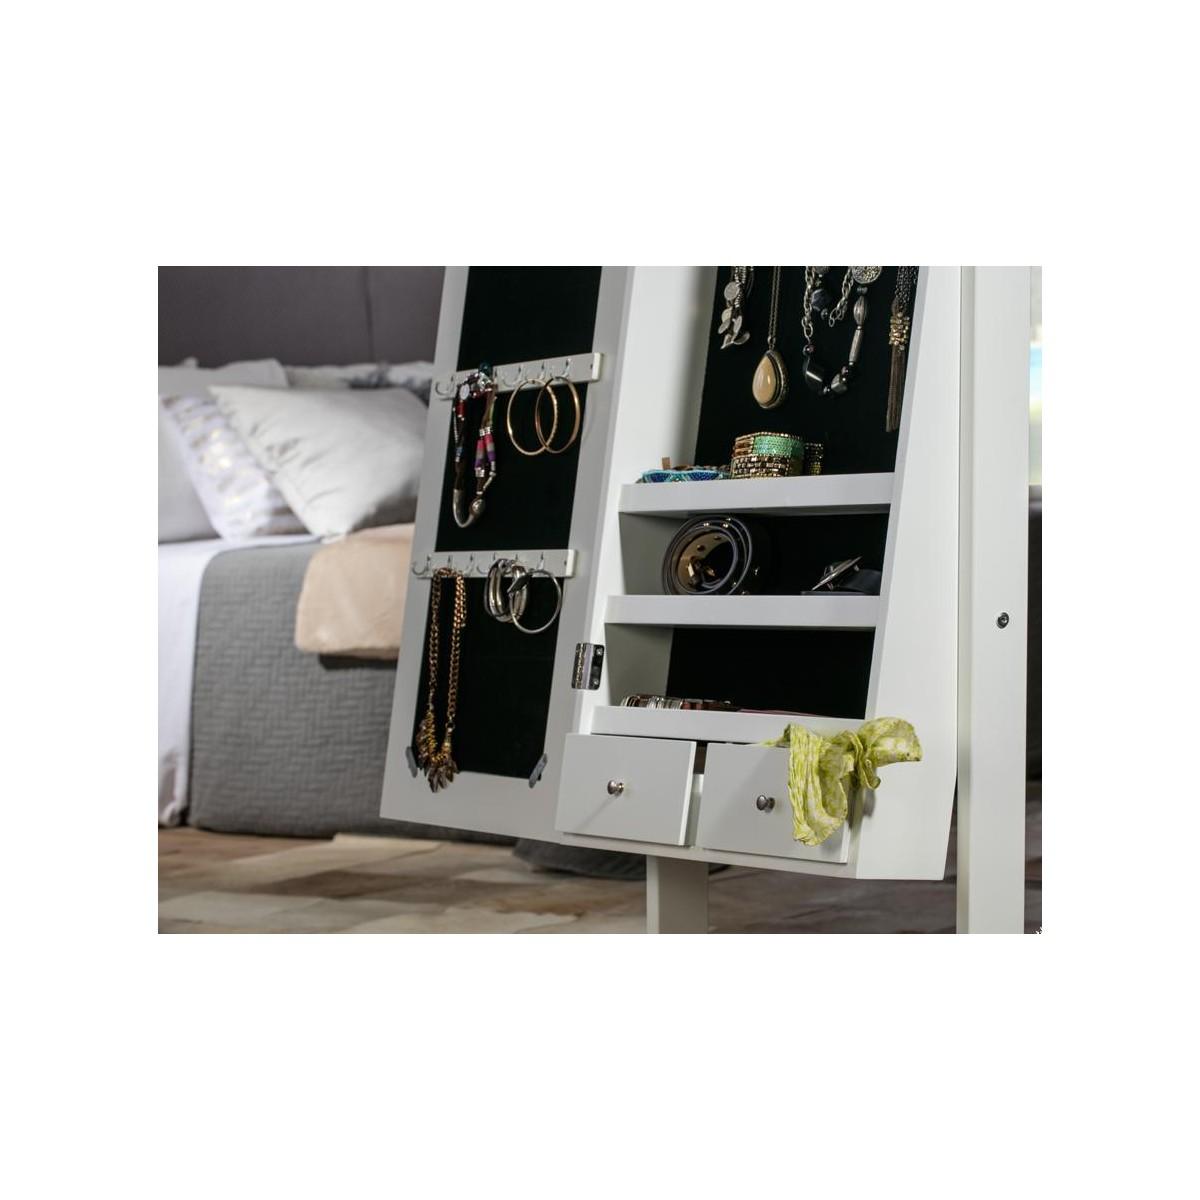 Adesivo De Parede Arvore Com Folhas Caindo ~ Armario Joyero Tags Espejo Armario Joyero Barato Con Decorar Una Casa A Sambo Canada Ikea